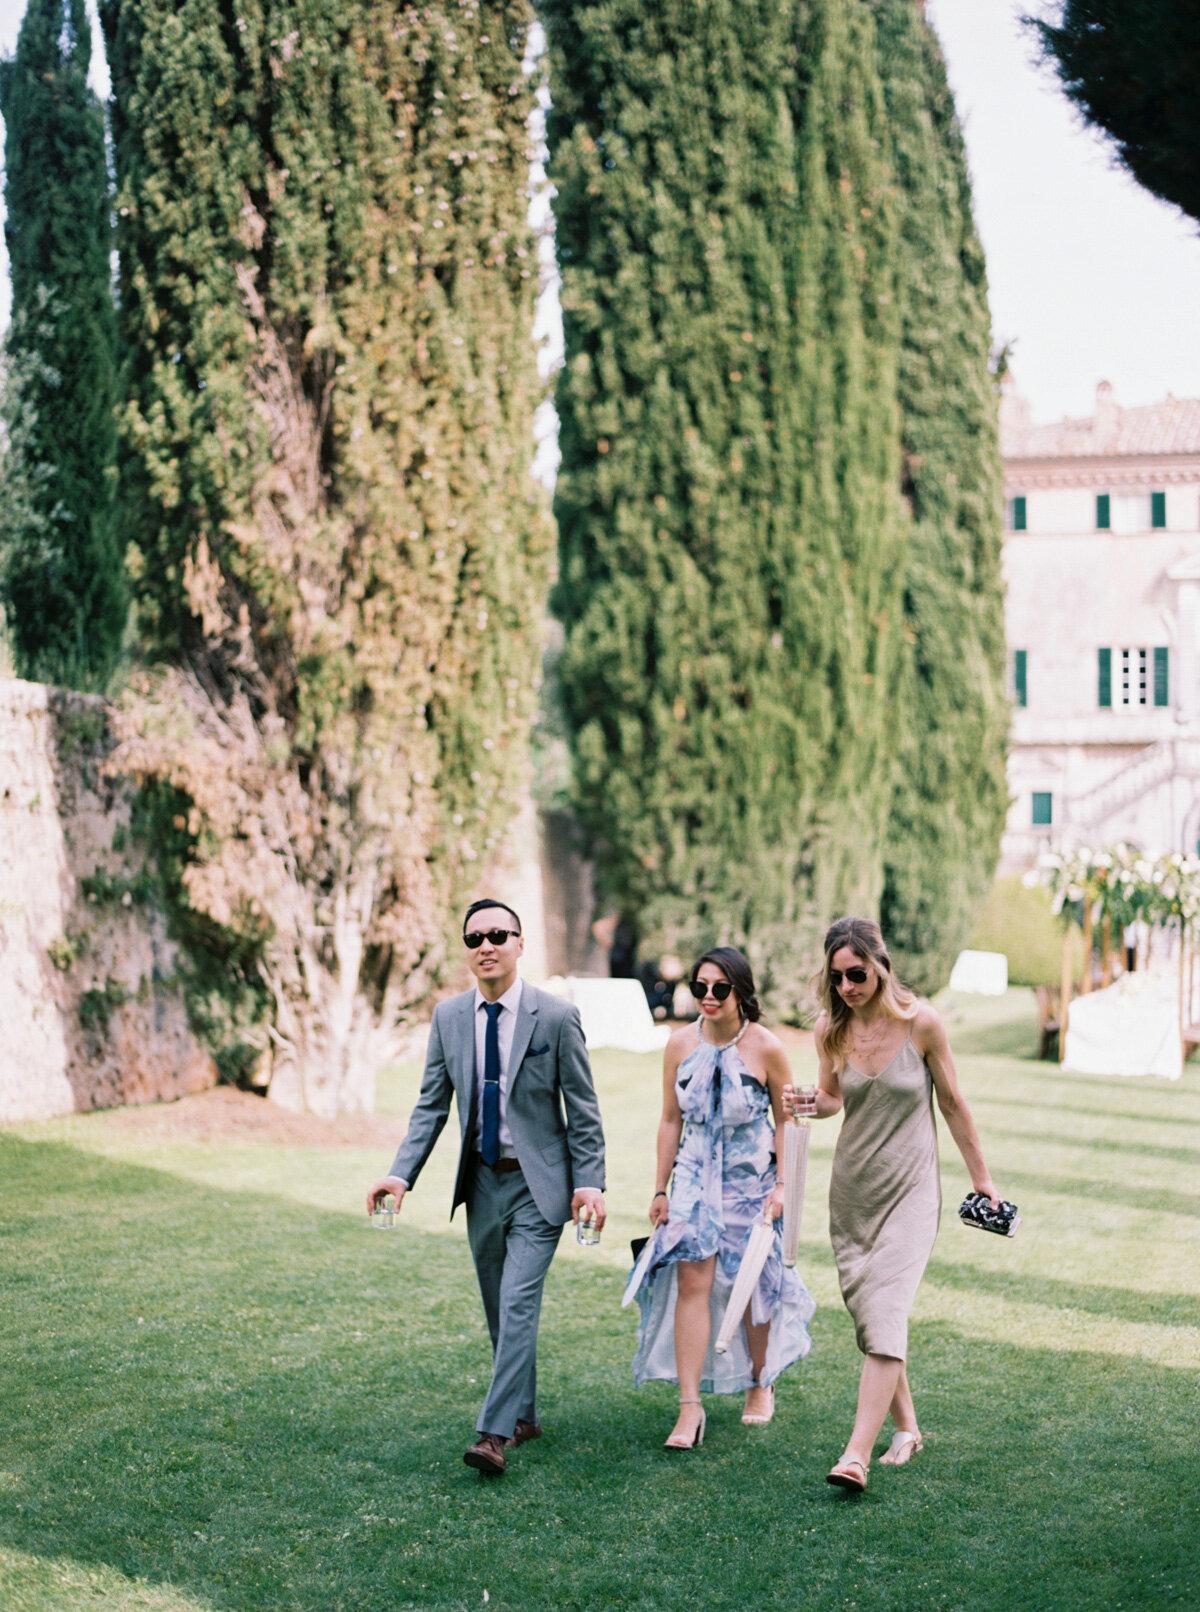 Villa-Cetinale-Tuscany-Katie-Grant-destination-wedding (54 of 115).jpg